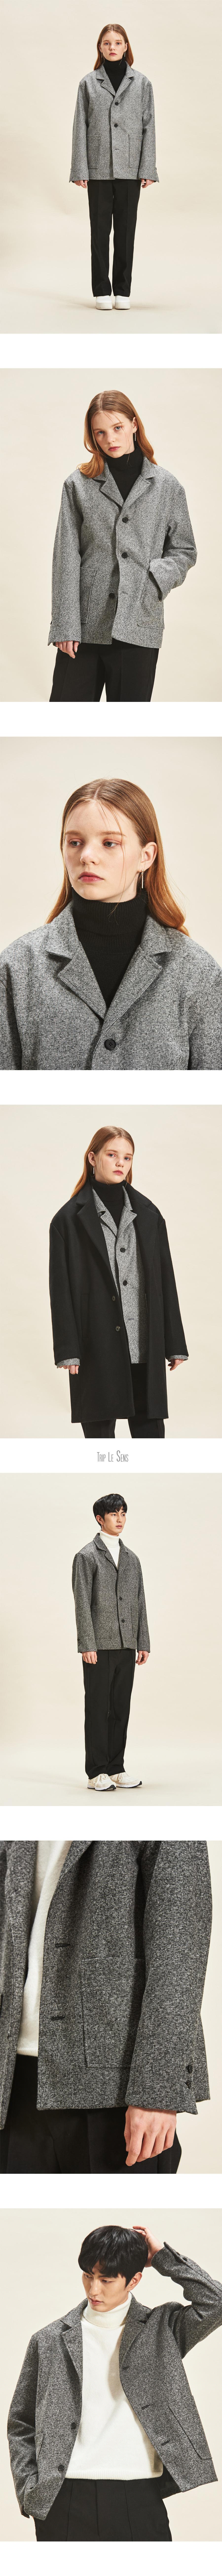 트립르센스(TRIP LE SENS) Thinsulate Wool Check Blazer GREY